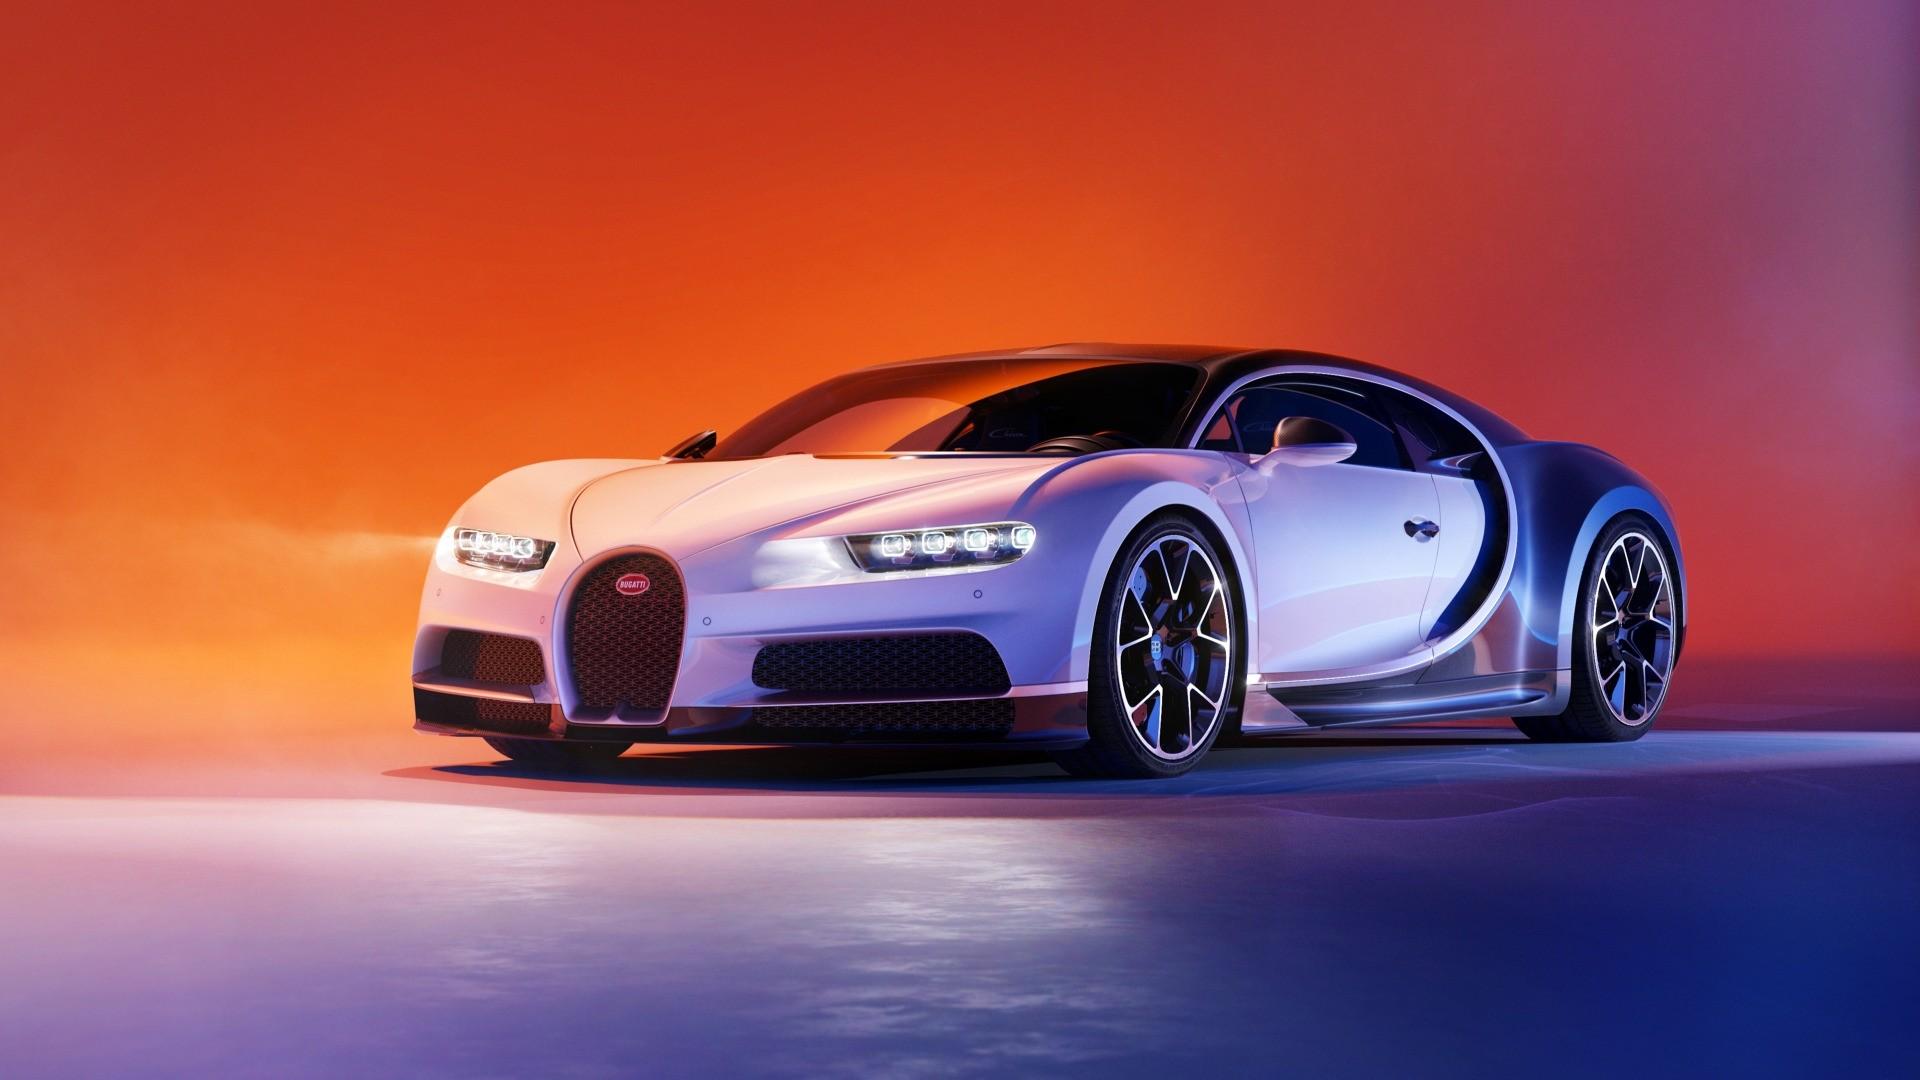 Bugatti Chiron wallpaper photo full hd